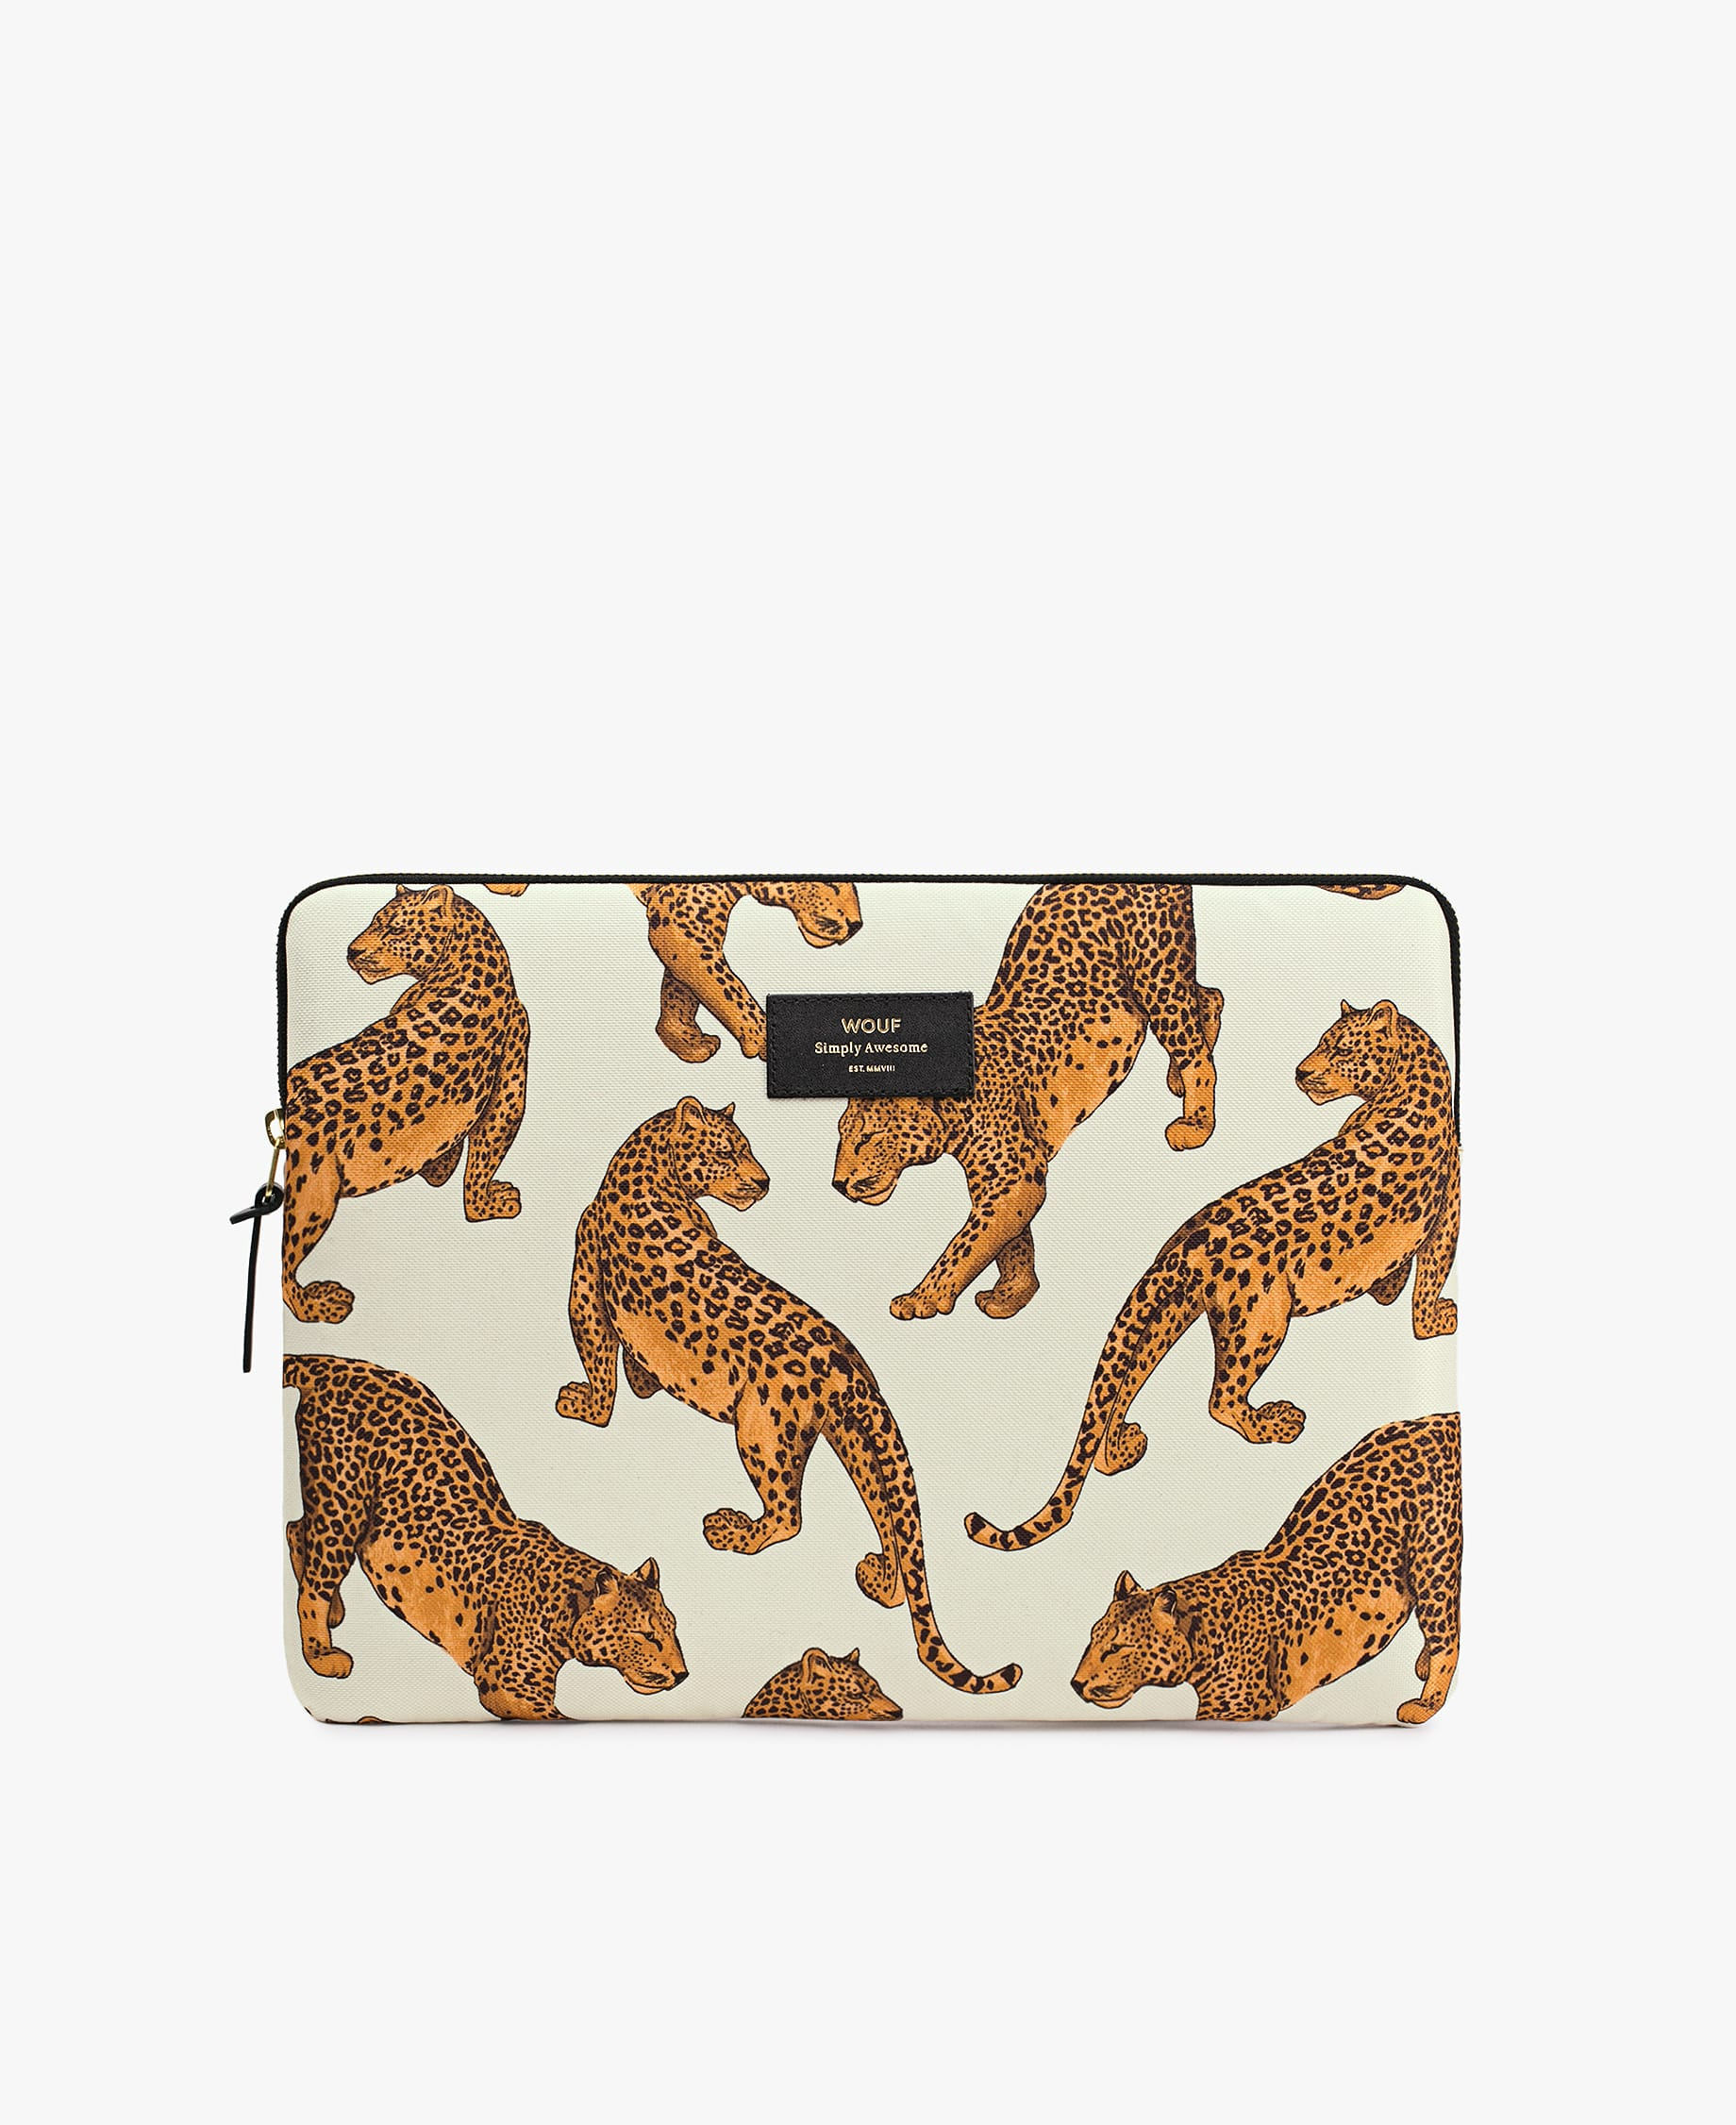 Wouf Leopard Laptop Case